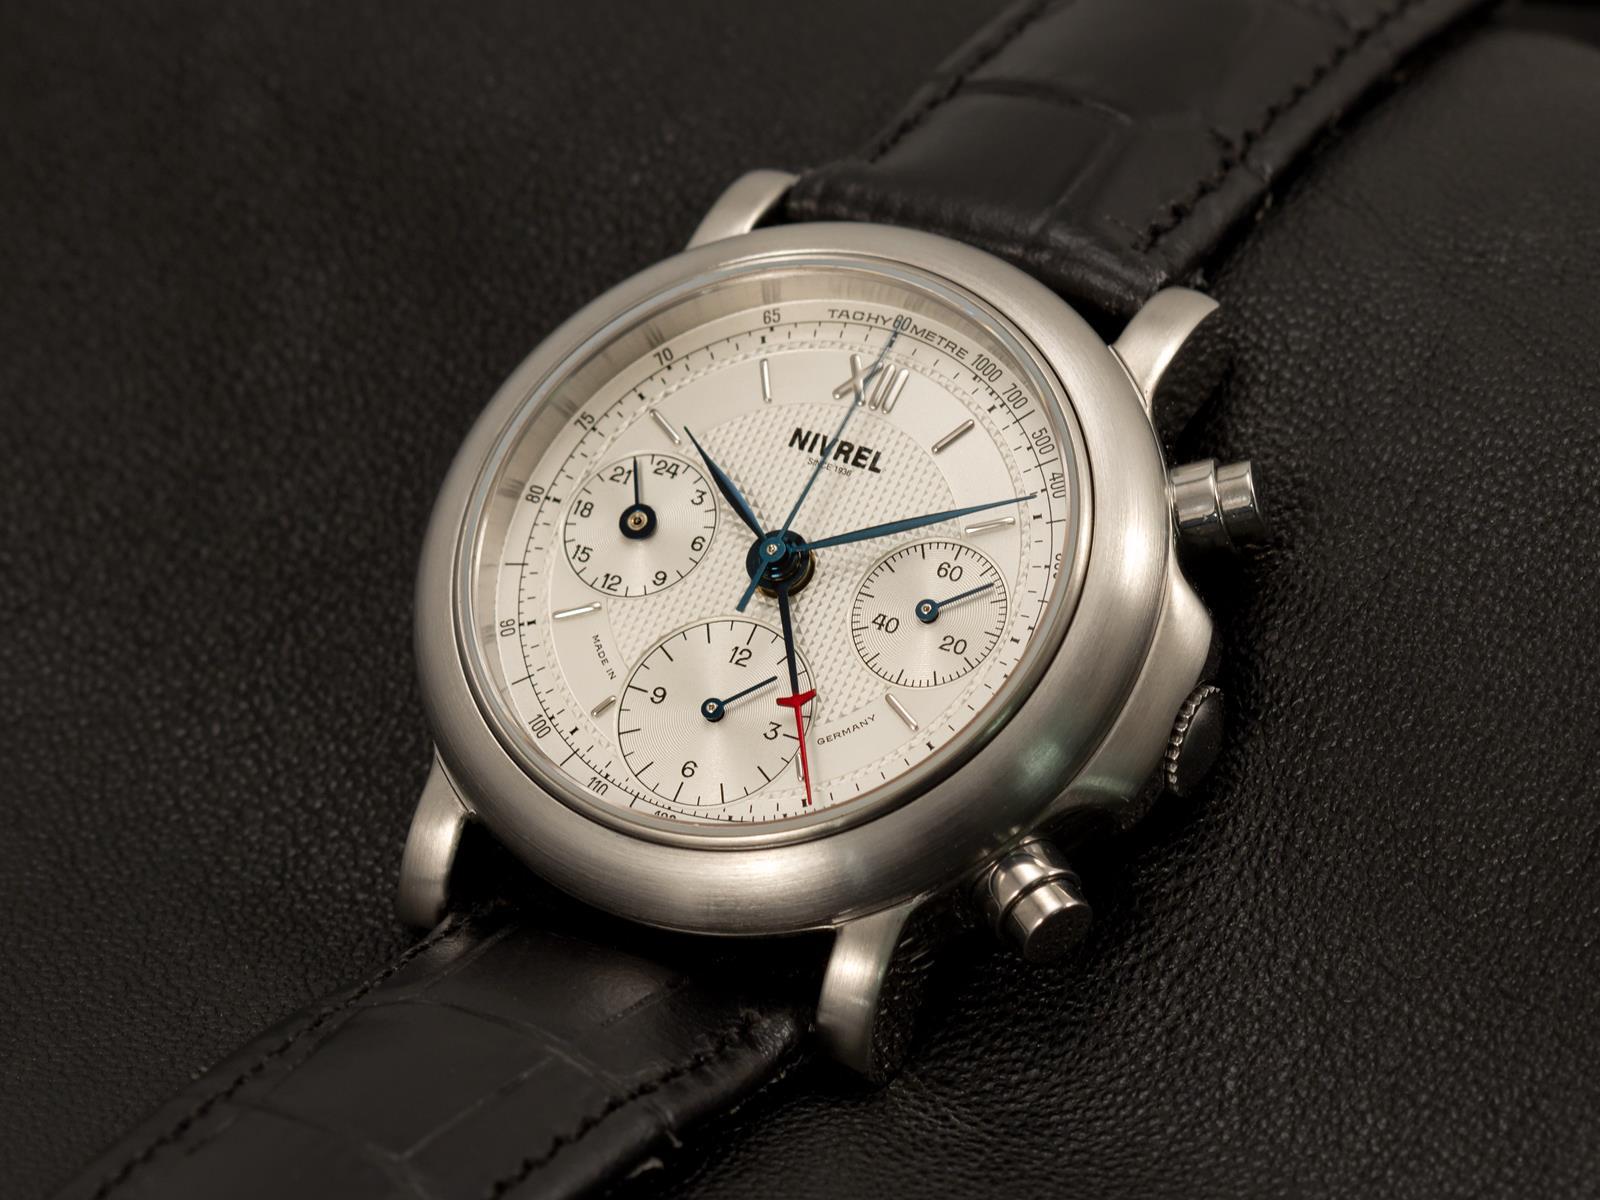 Kliknite za sliku za veću verziju  Ime:Nivrel-Heritage-Chronographe-Minutes-satovi-3.jpg Viđeno:145 Veličina:193,1 KB ID:84735